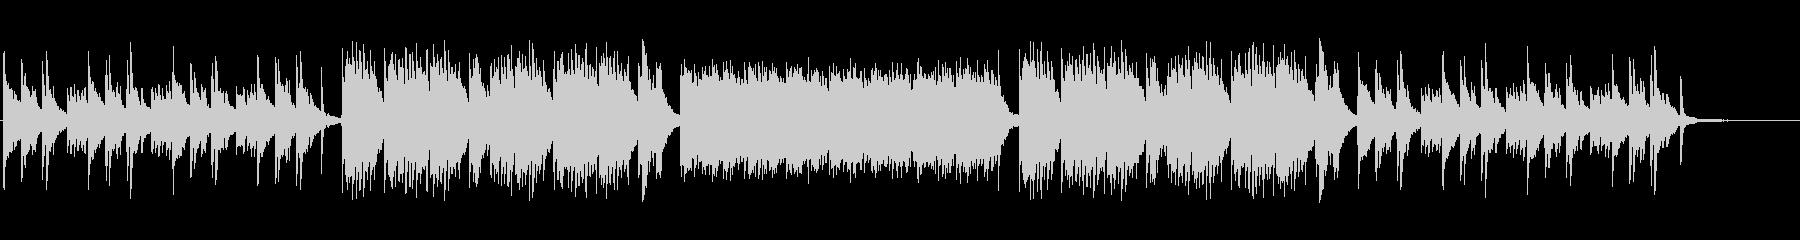 企業・CM・キラキラしたピアノソロの未再生の波形